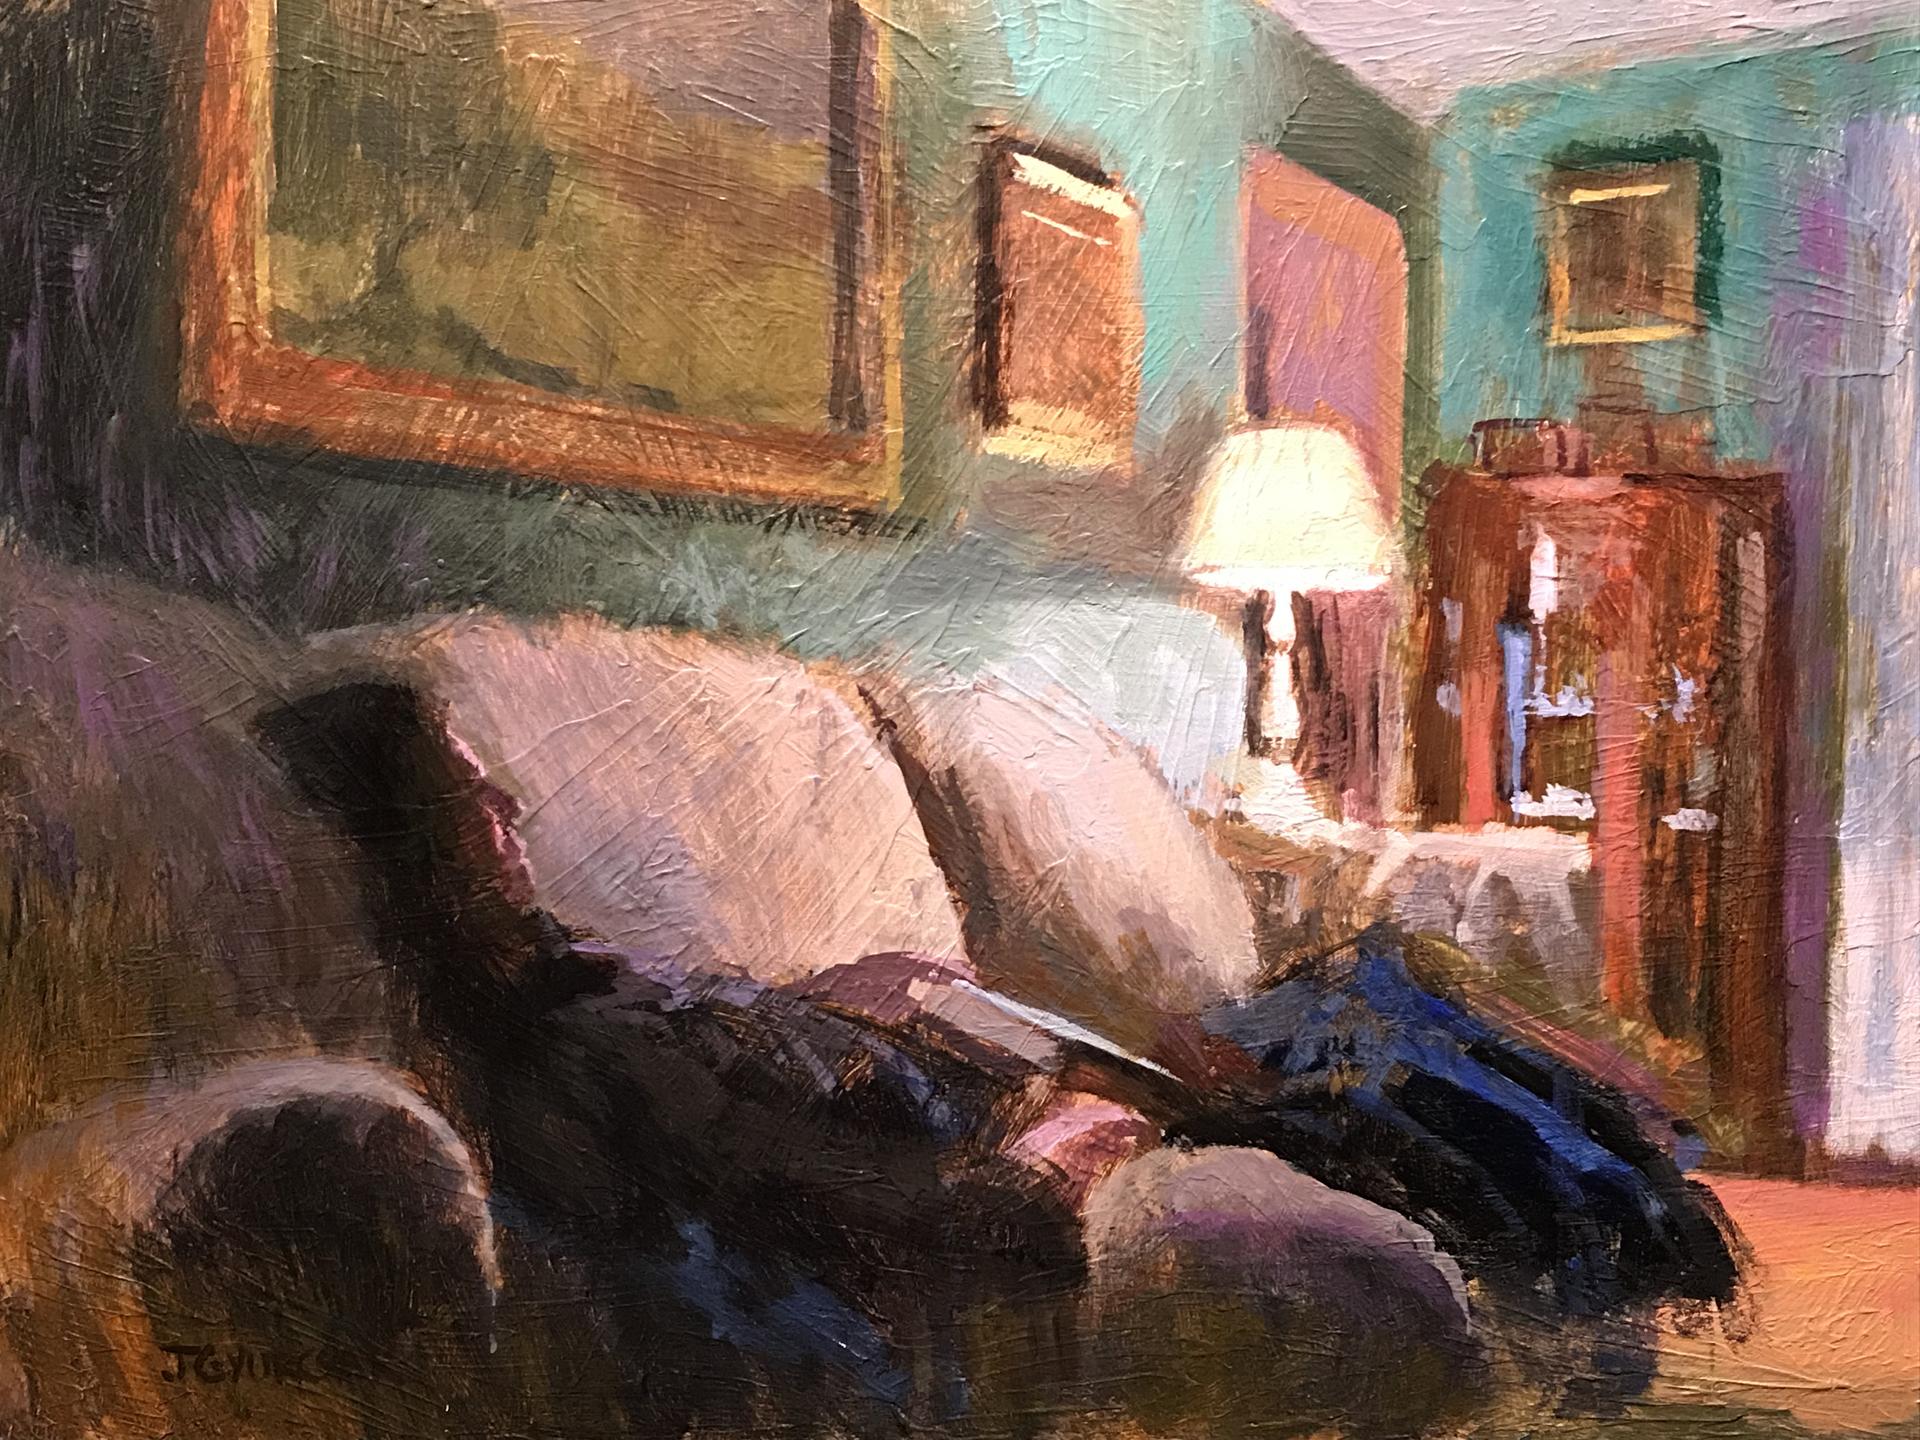 Dreaming by Joe Gyurcsak